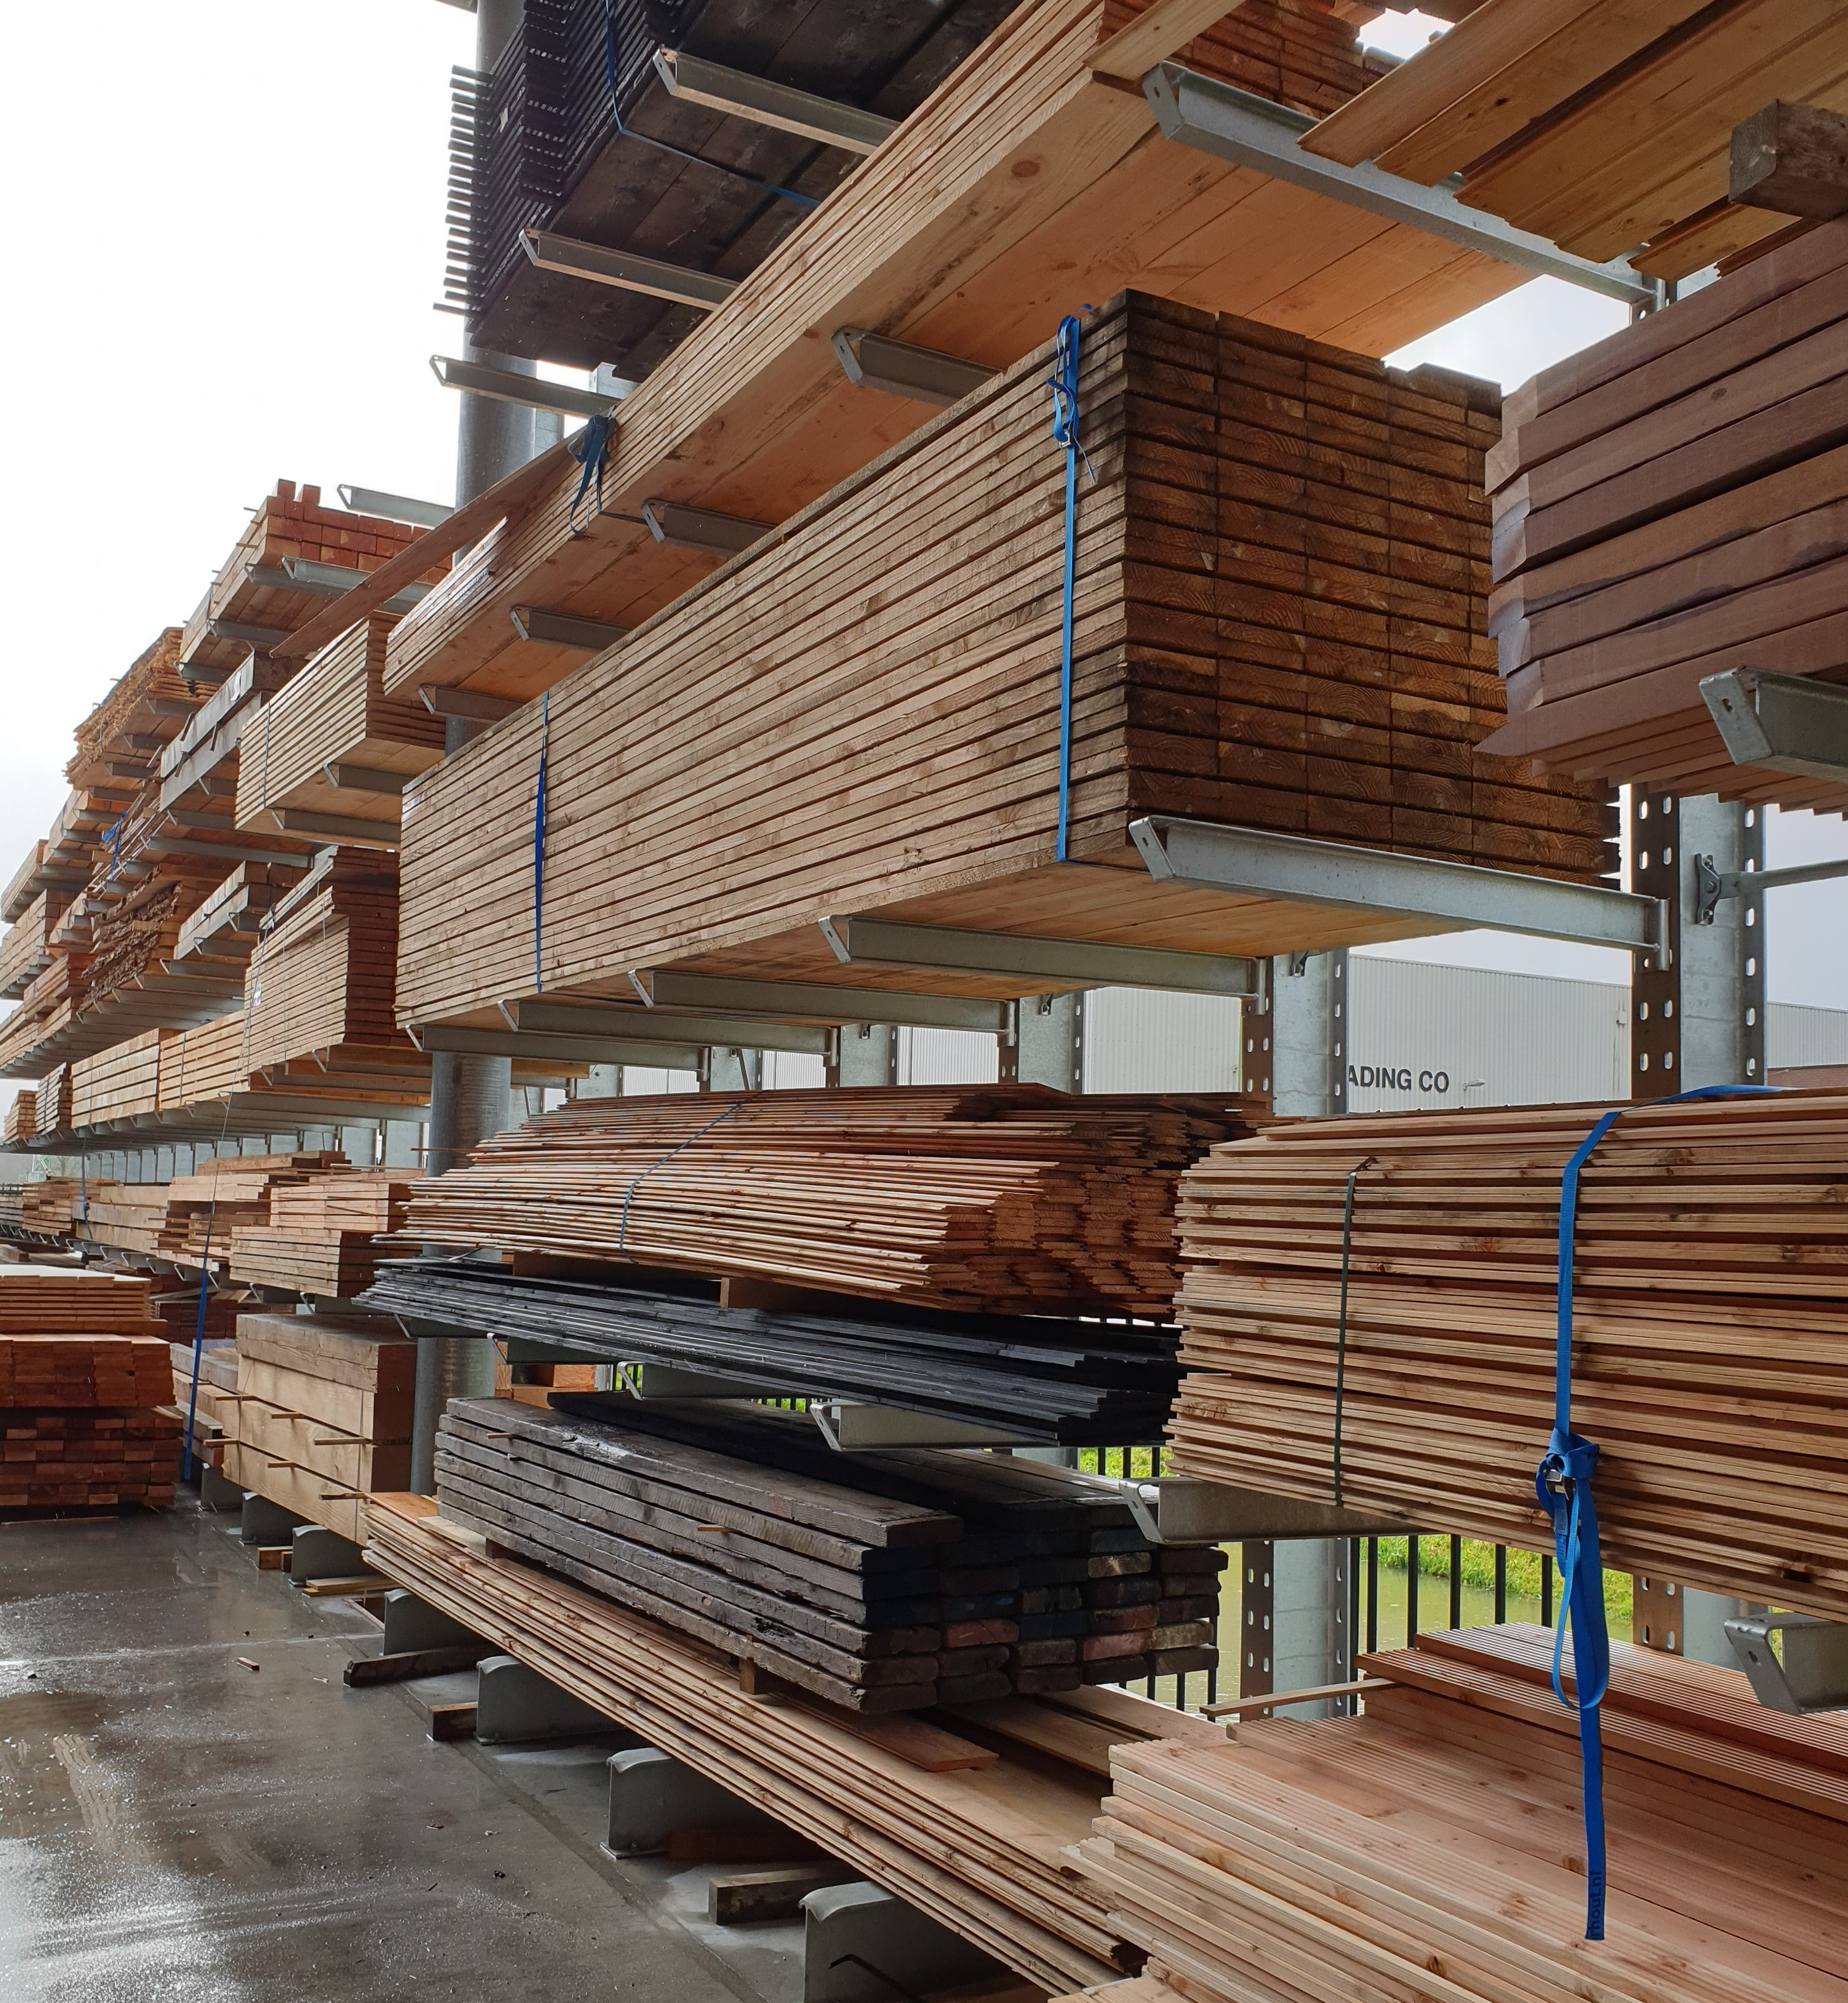 Opslag bouwmatr. 5. Draagarmstelling voor buiten voor de opslag van hout